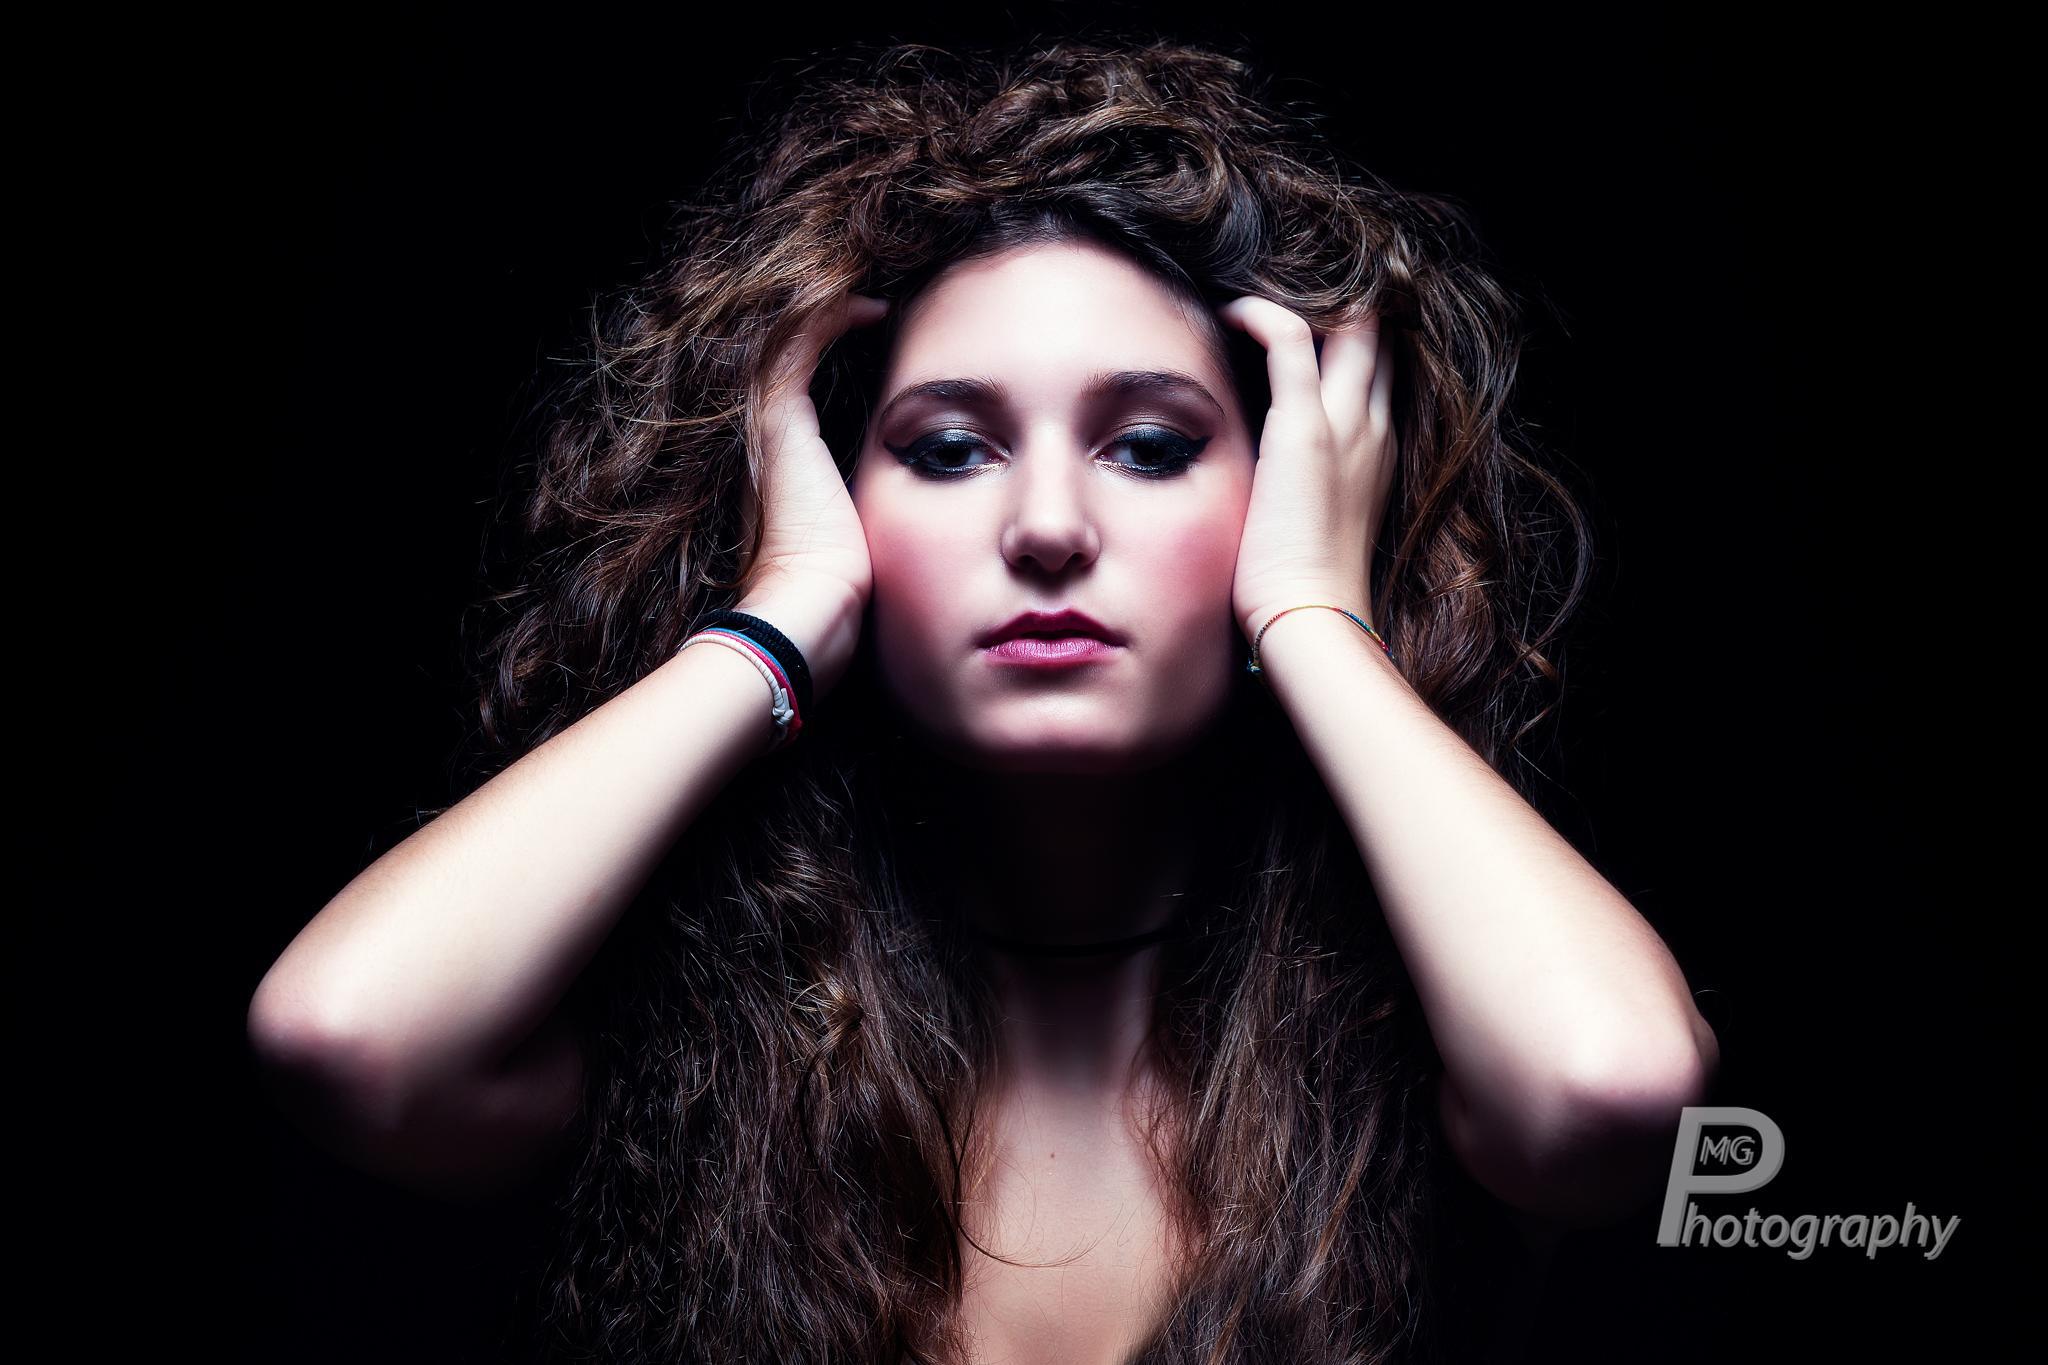 Beauty II by Mischa Gerber